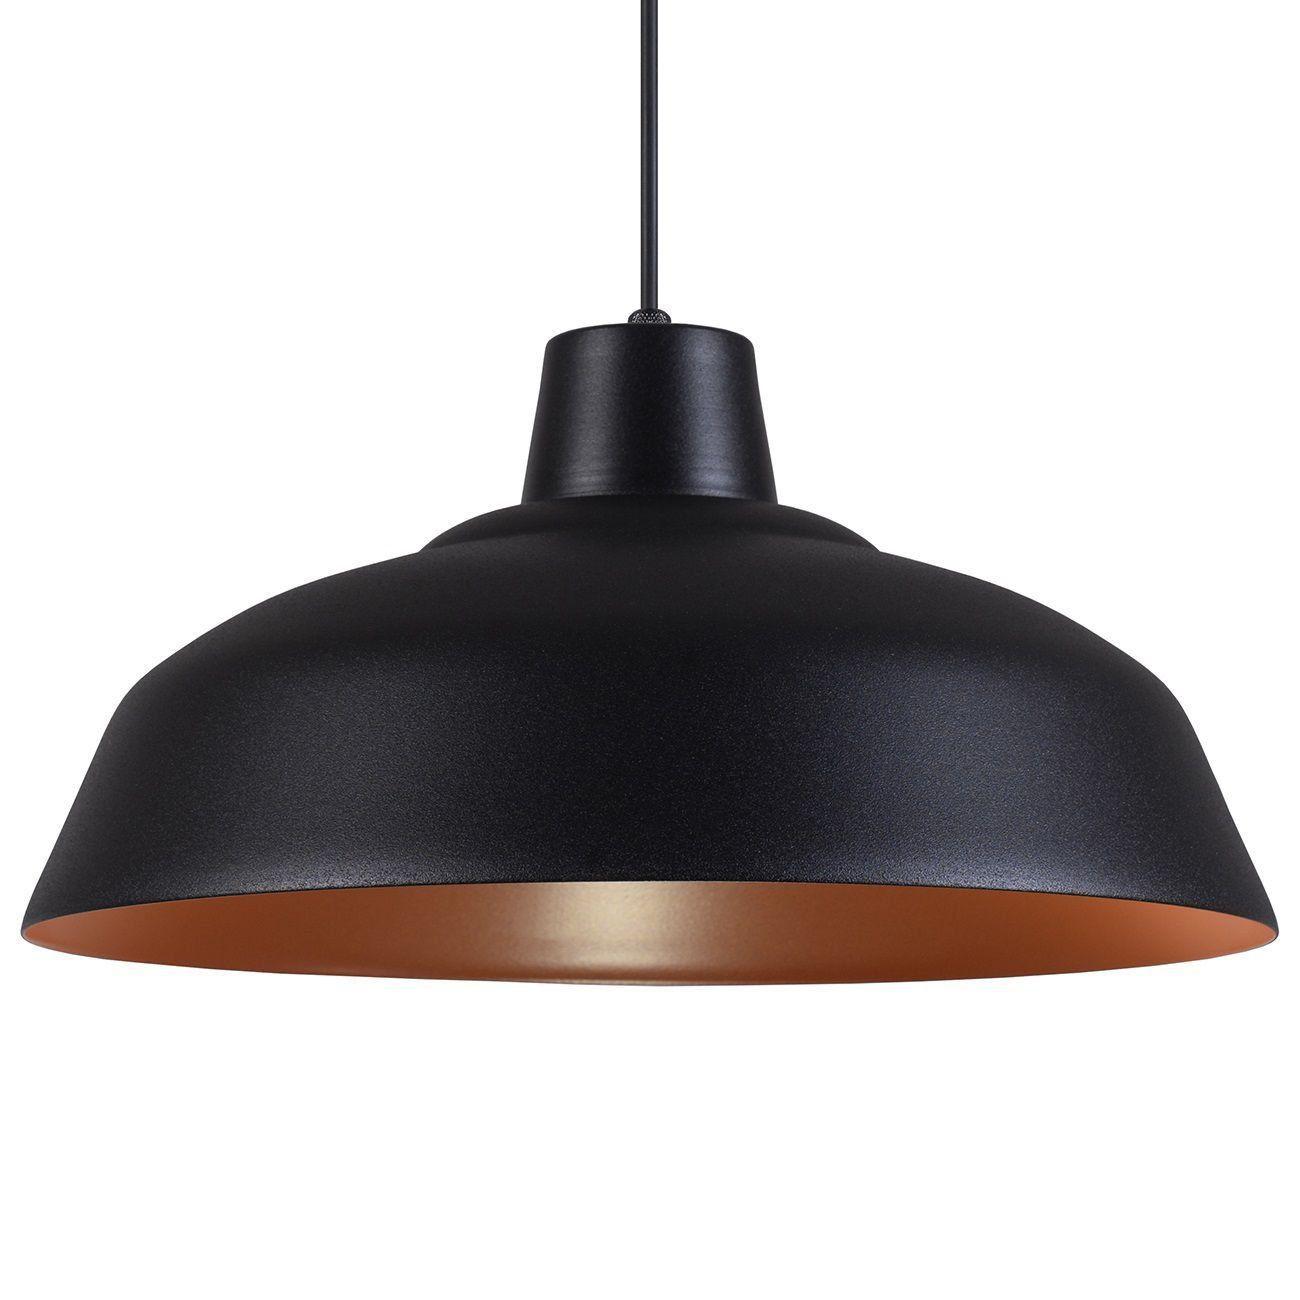 Pendente Retrô 34cm Luminária Lustre Alumínio Preto Textura C/ Cobre - Rei Da Iluminação